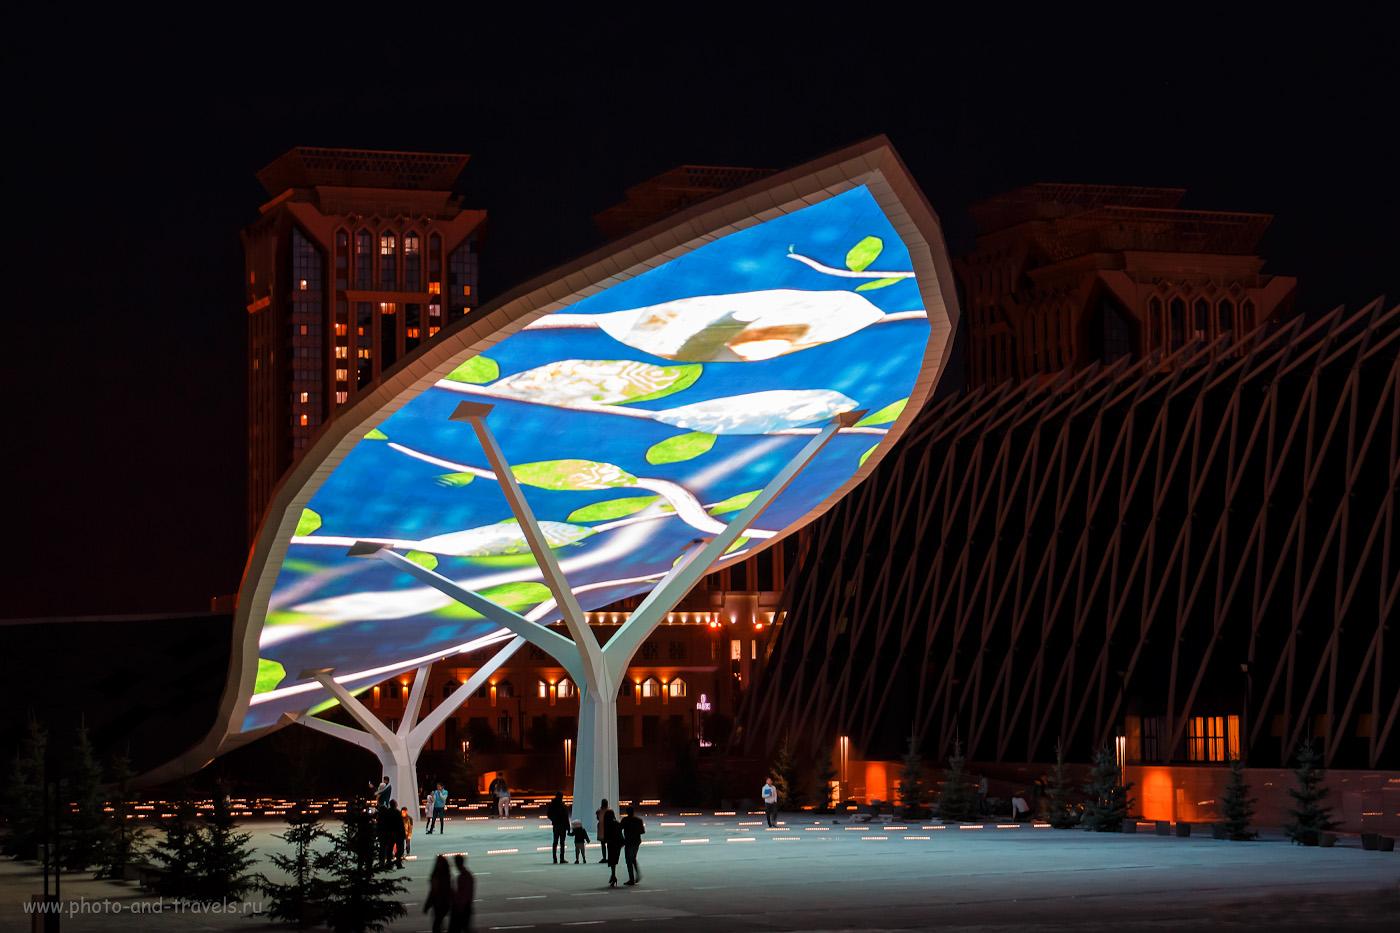 Снимок 34. Монумент «Стена Мира» на Площади Независимости в Астане. Новая достопримечательность столицы Казахстана. 1/8, -0.3, 3.5, 800, 50.